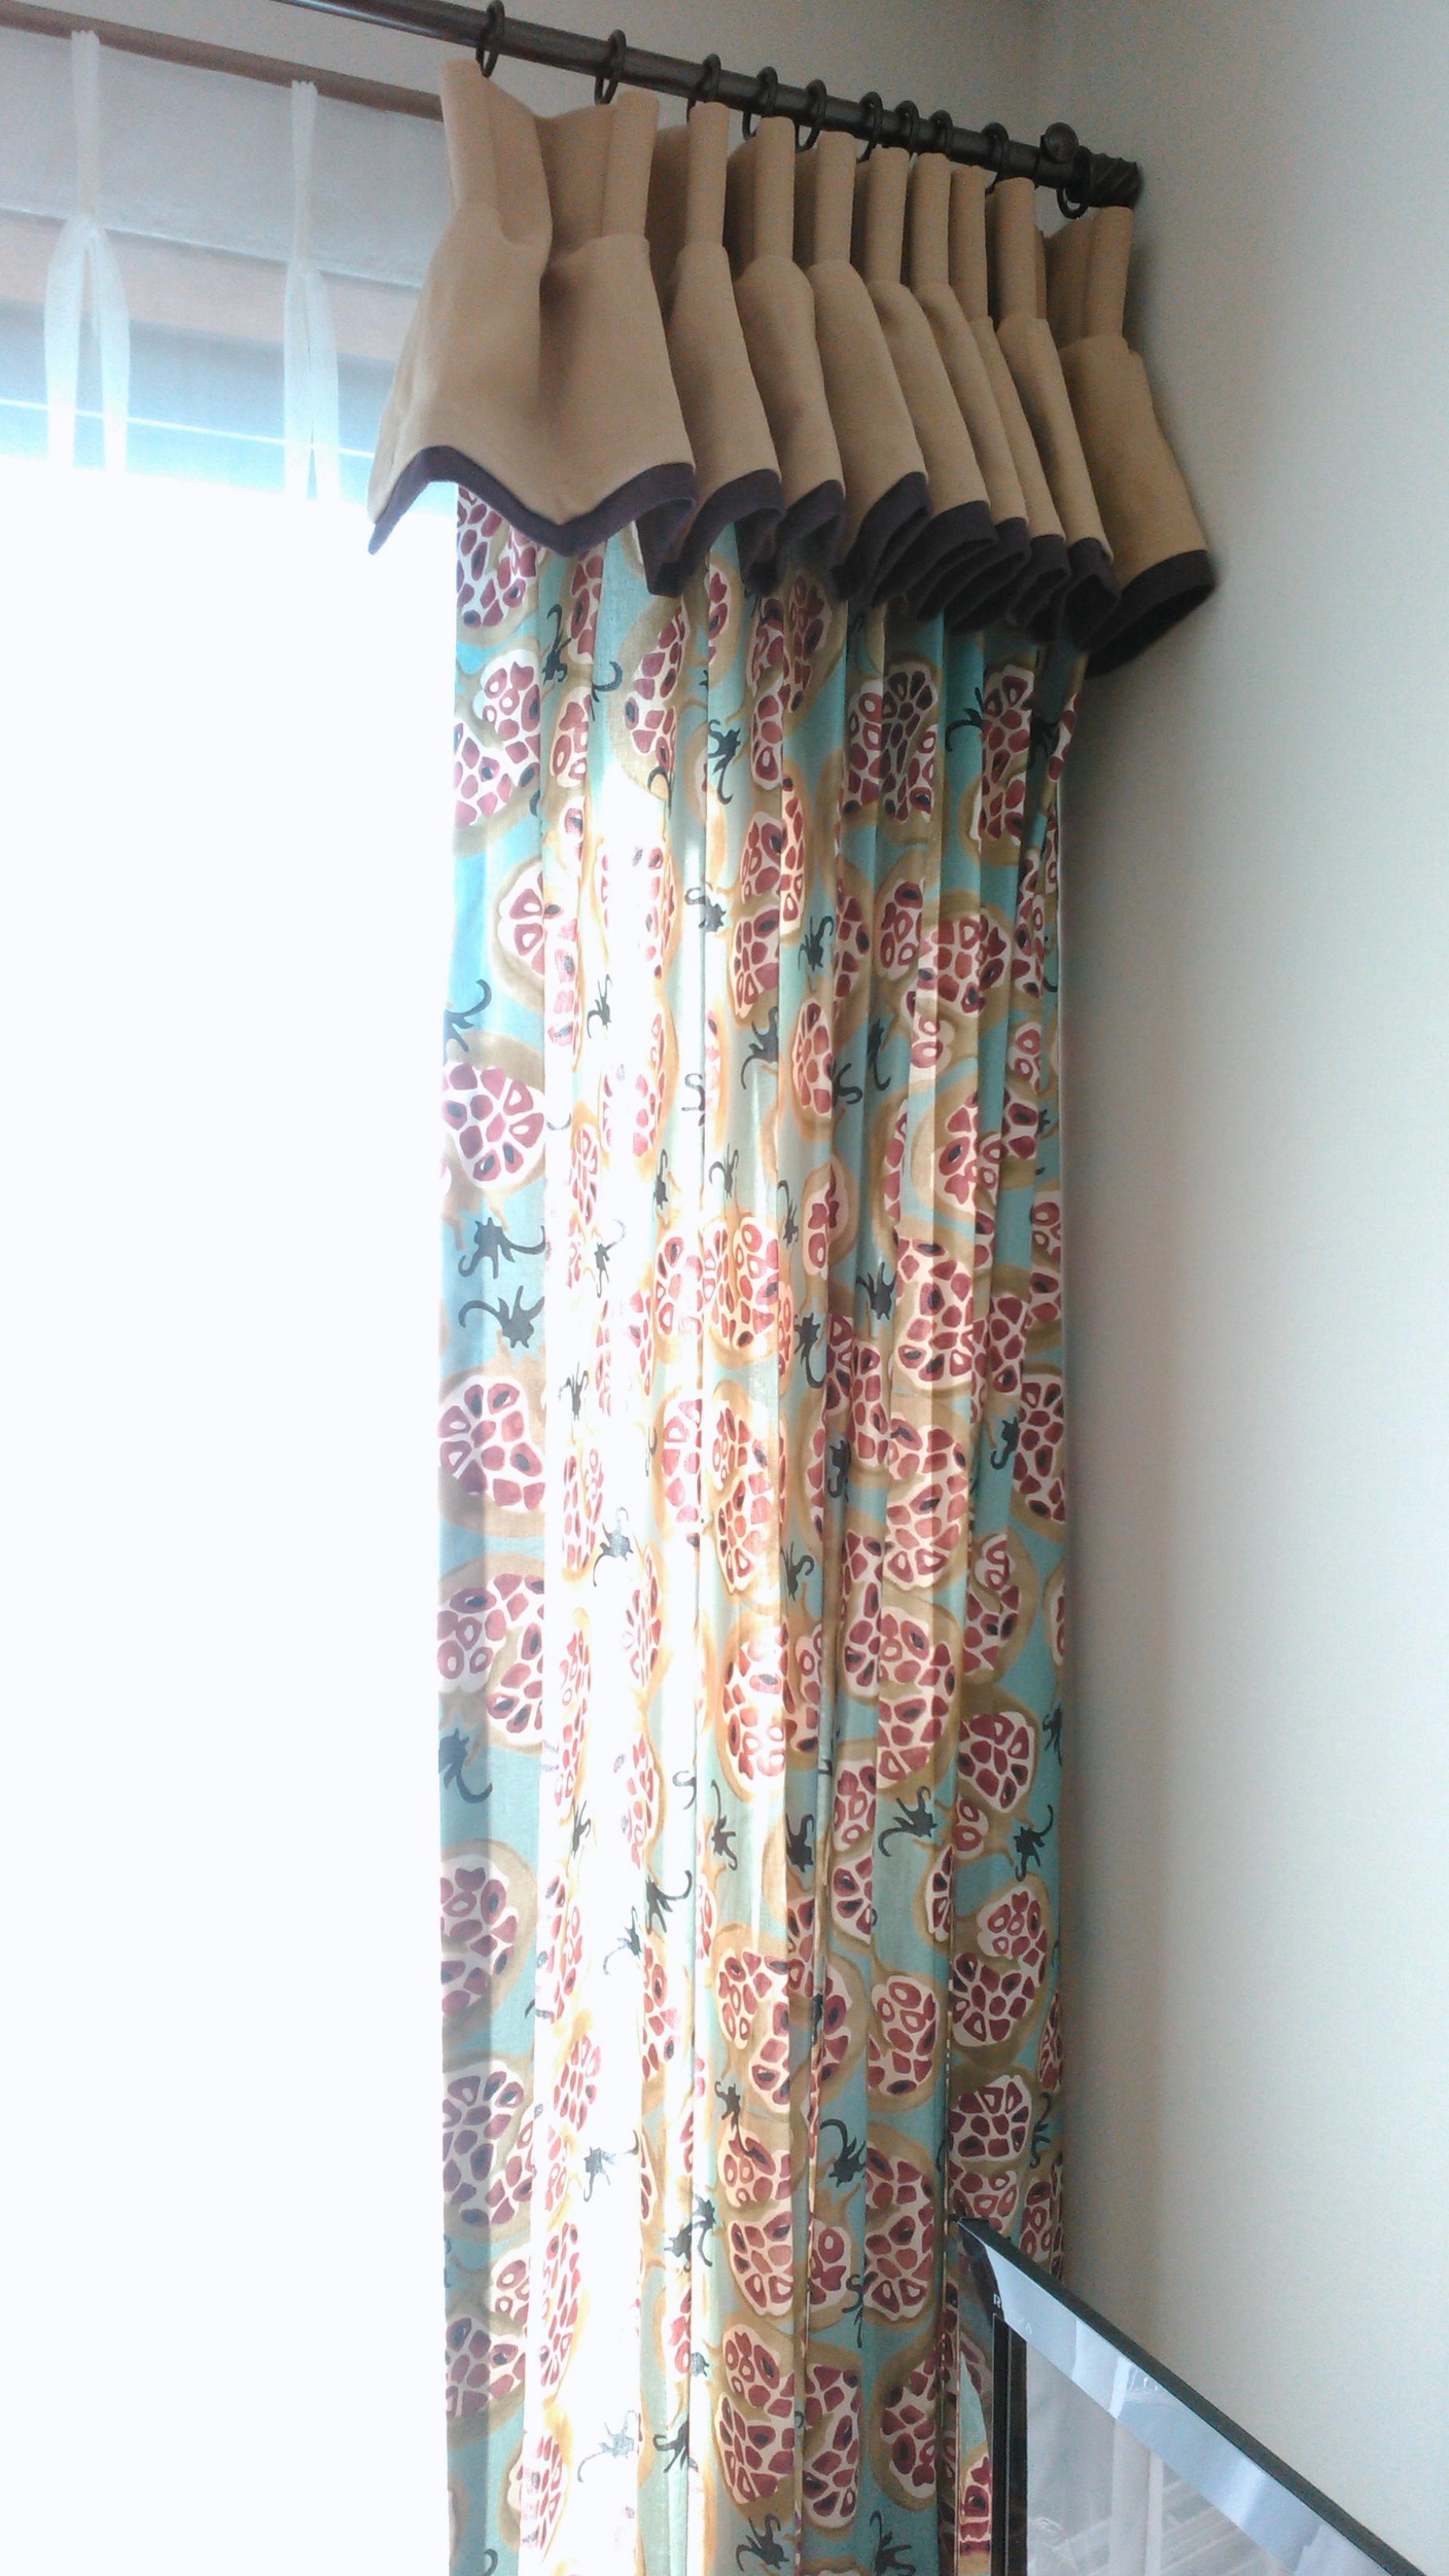 サンダーソン『ザクロ柄』のカーテン モリス正規販売店のブライト_c0157866_16105955.jpg